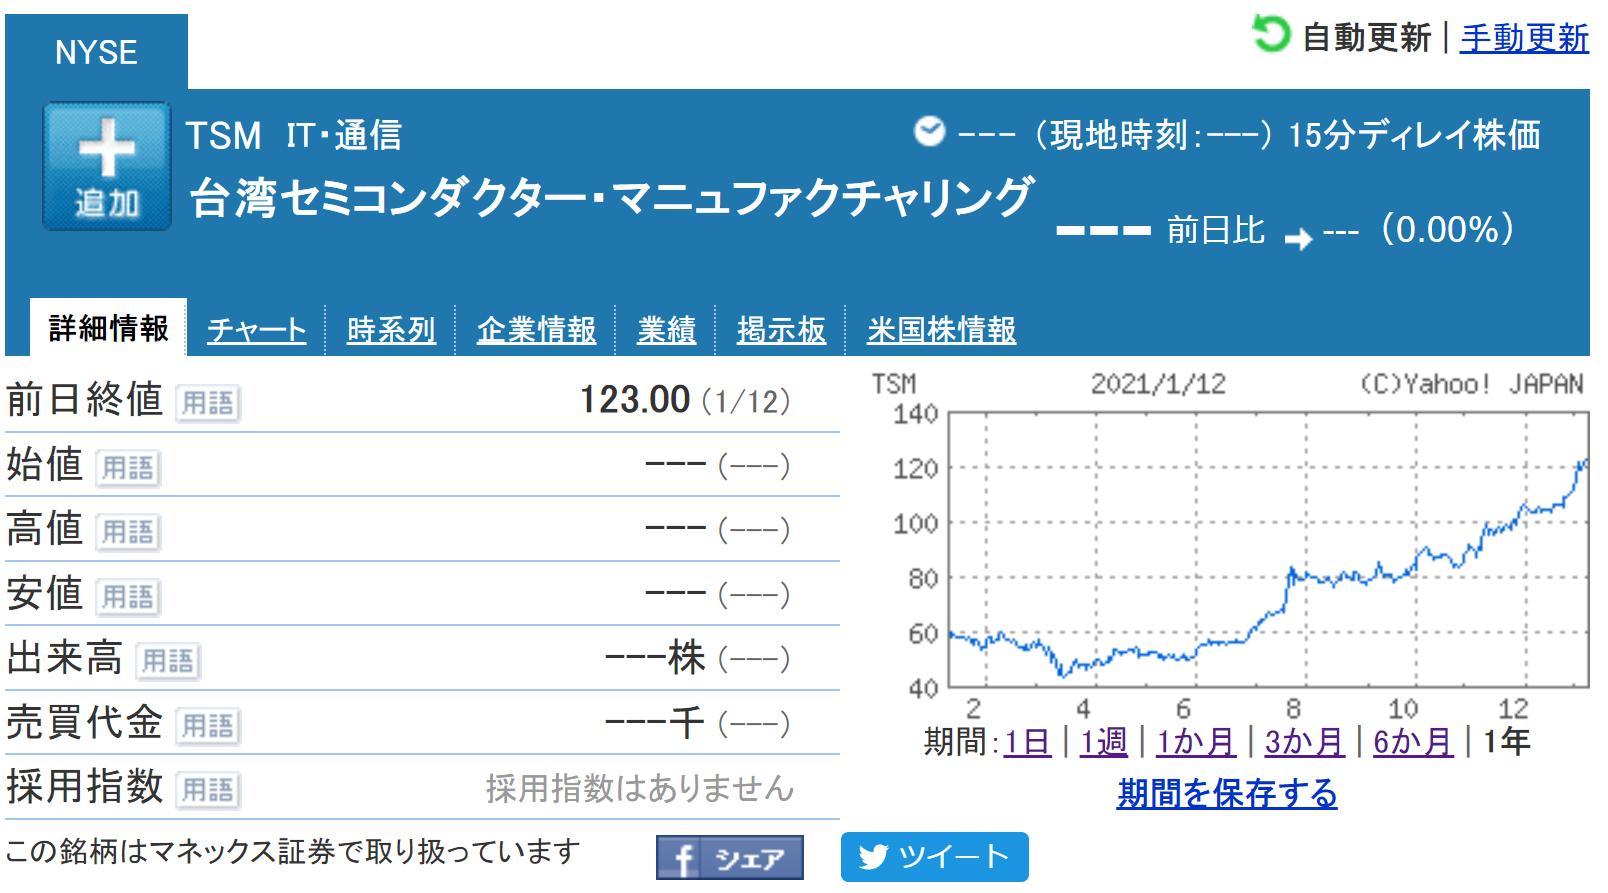 通信 株価 掲示板 日本